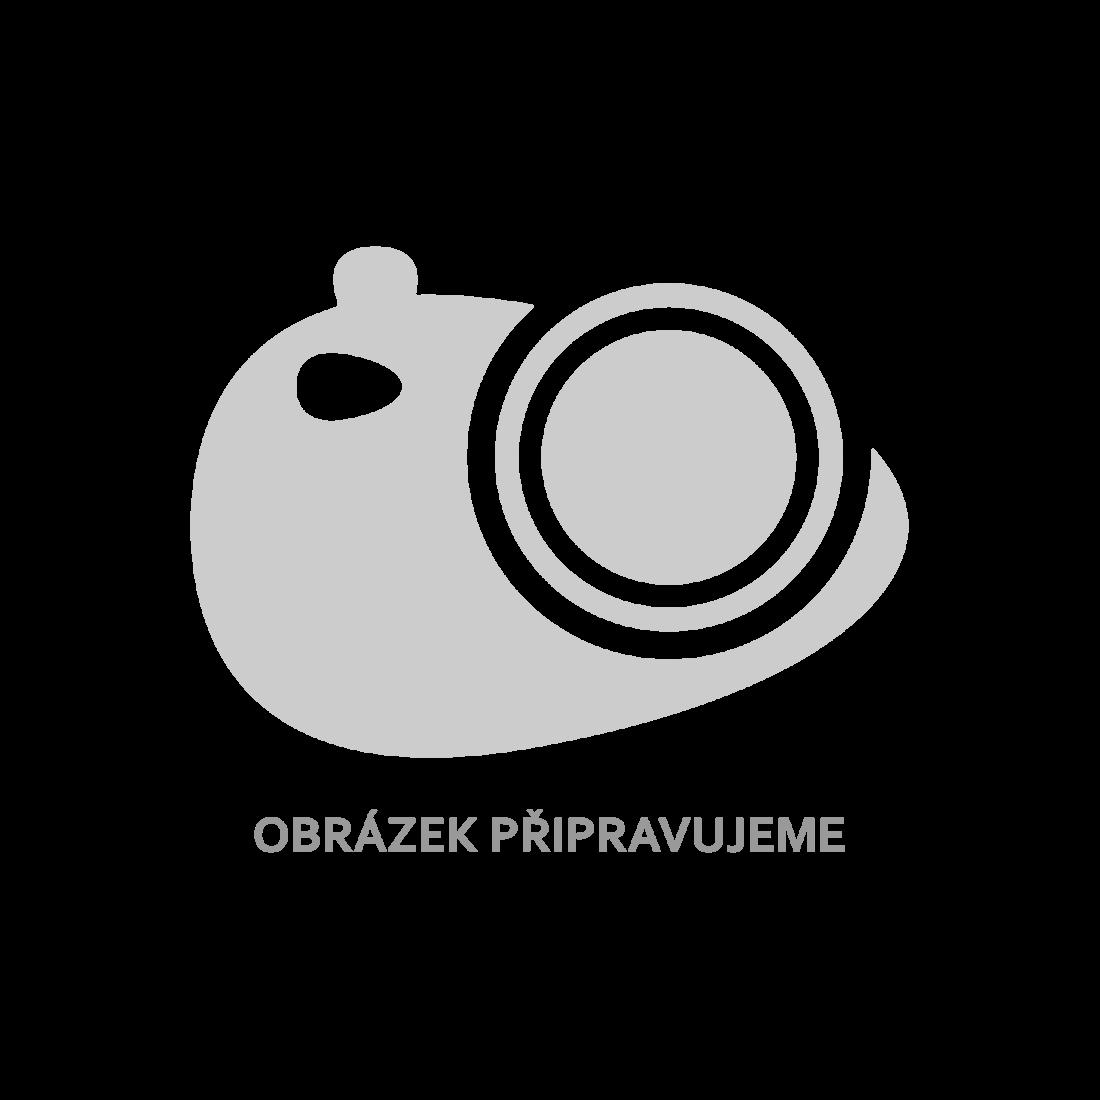 vidaXL Jídelní stůl bílý 140 x 70 x 75 cm tvrzené sklo [281552]